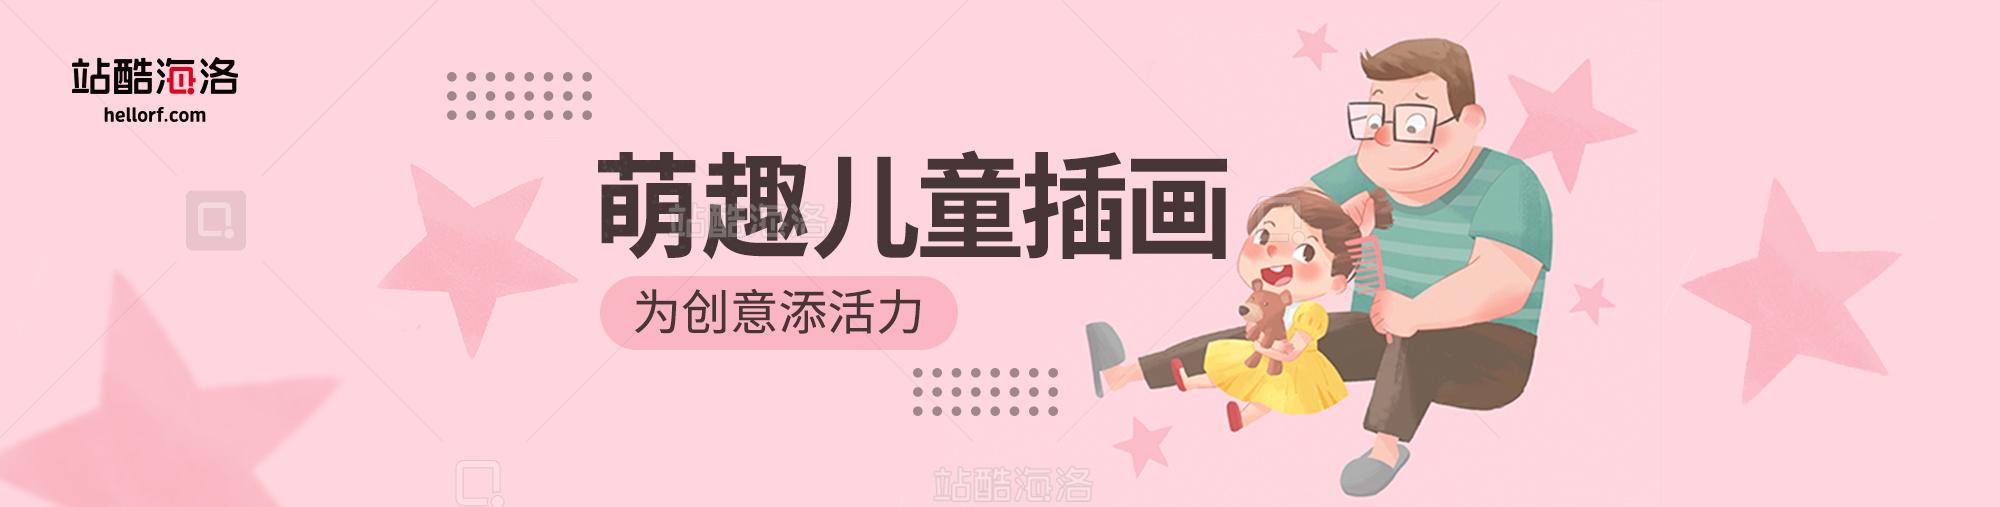 创意联萌绘2000507.jpg